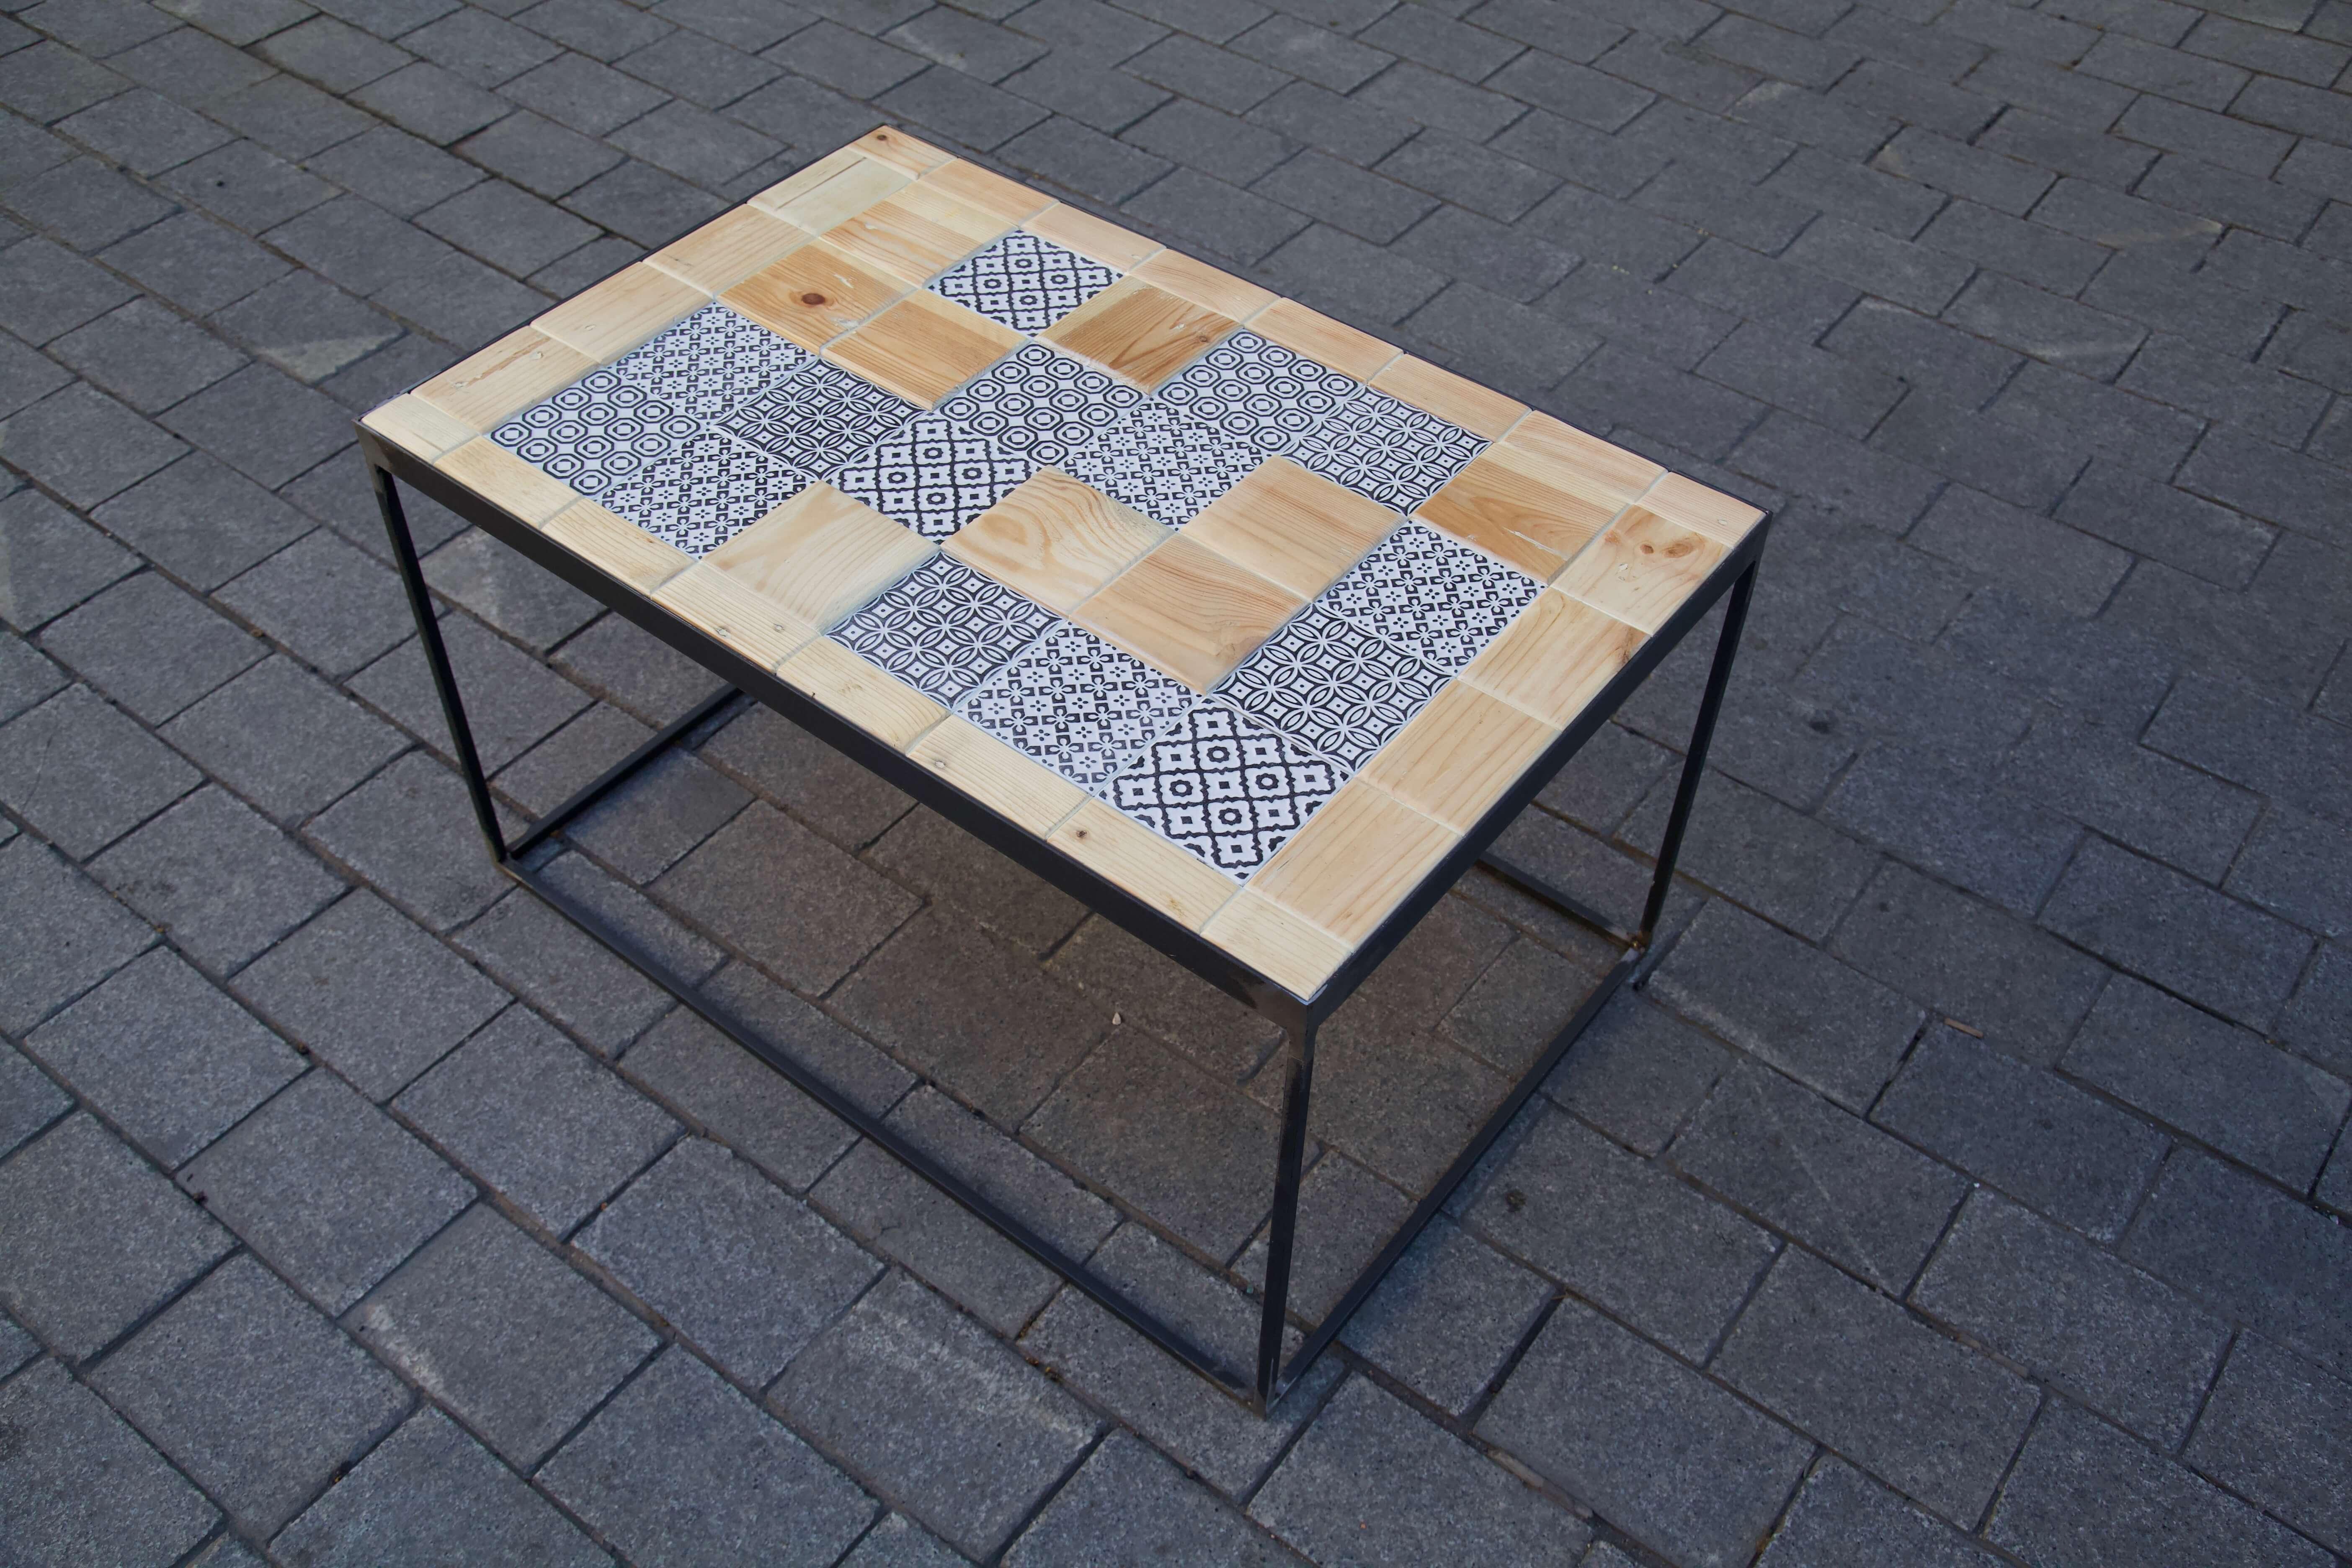 detalle superior derecha mesa hecha con baldosas pequeñas